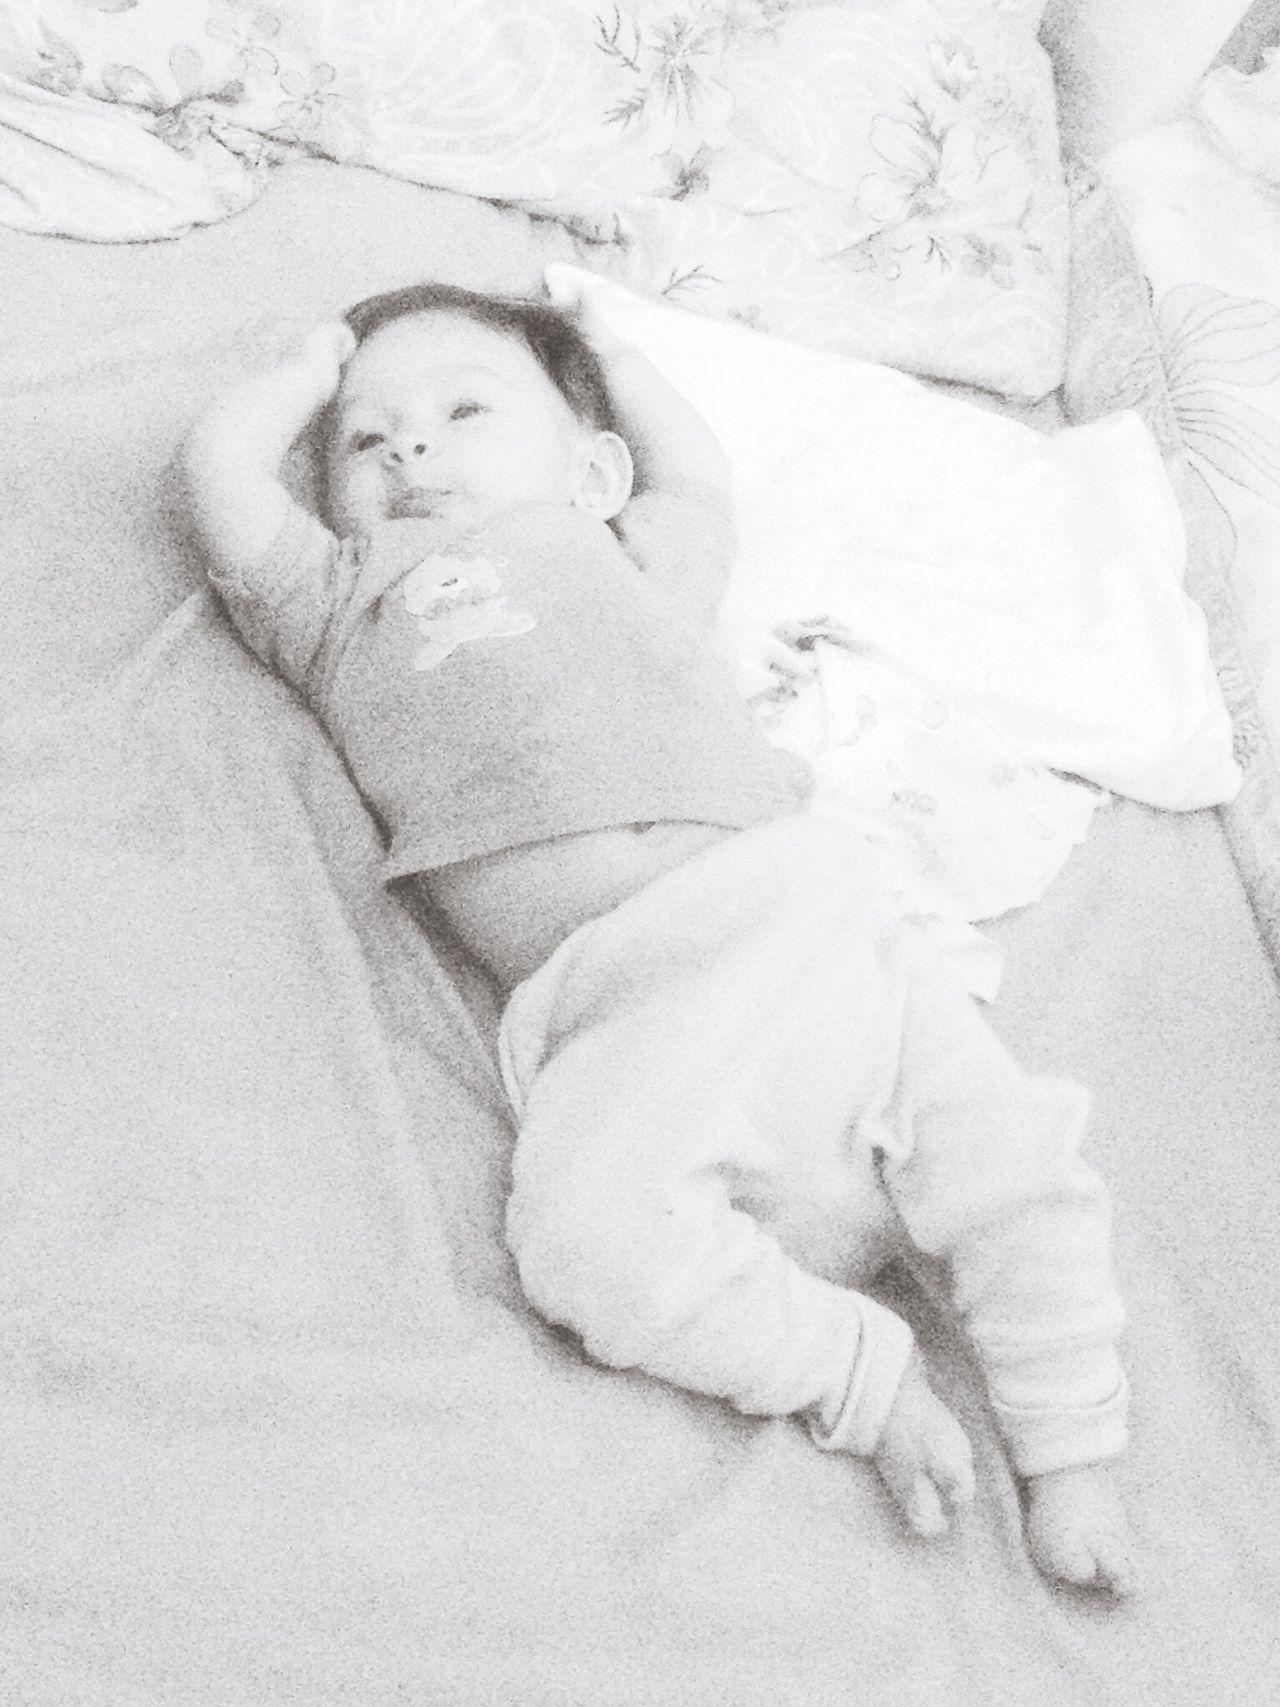 Baby Ana Baby Babygirl Waking Up WakingUp Awakening Awake Baby ❤ First Eyeem Photo